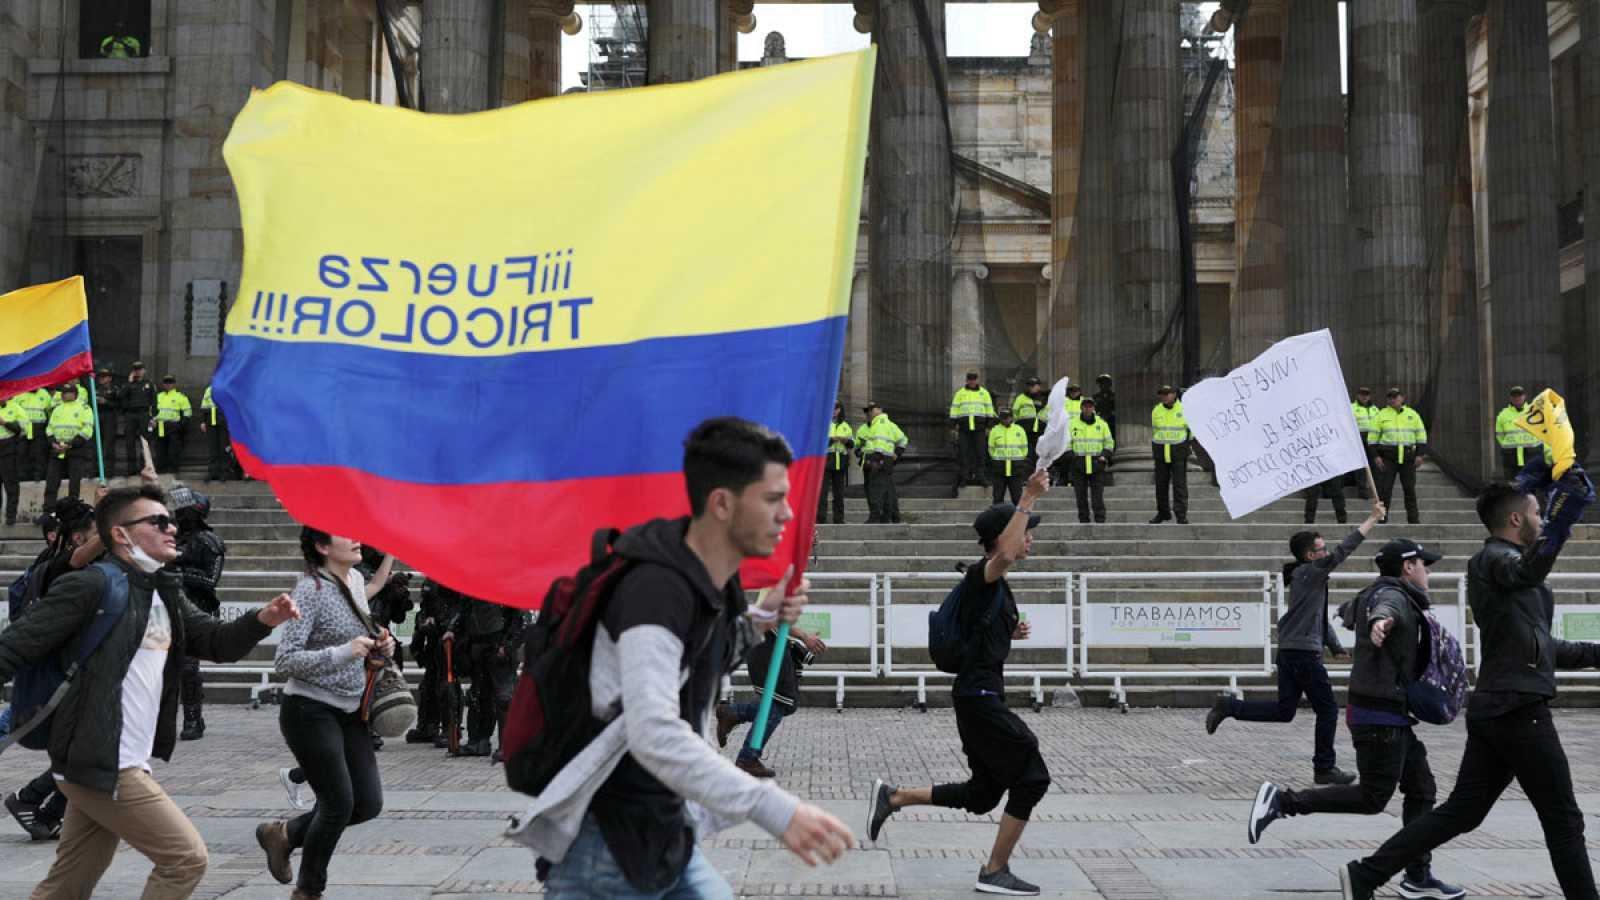 Colombianos protestas para exigir derechos al Gobierno.